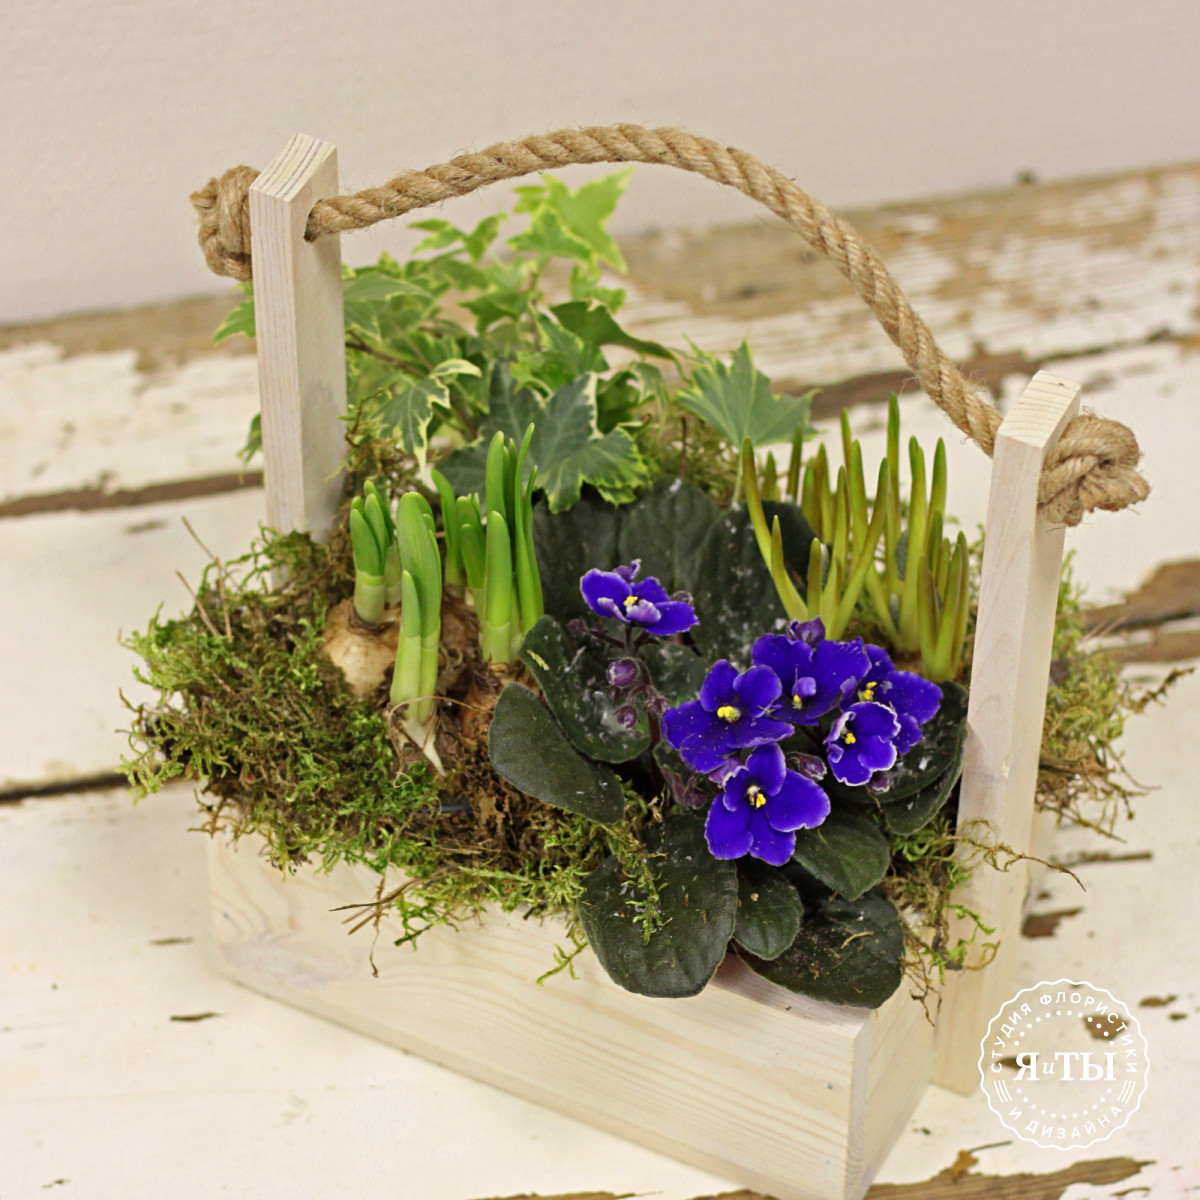 Композиция из луковичных растений в деревянном ящике